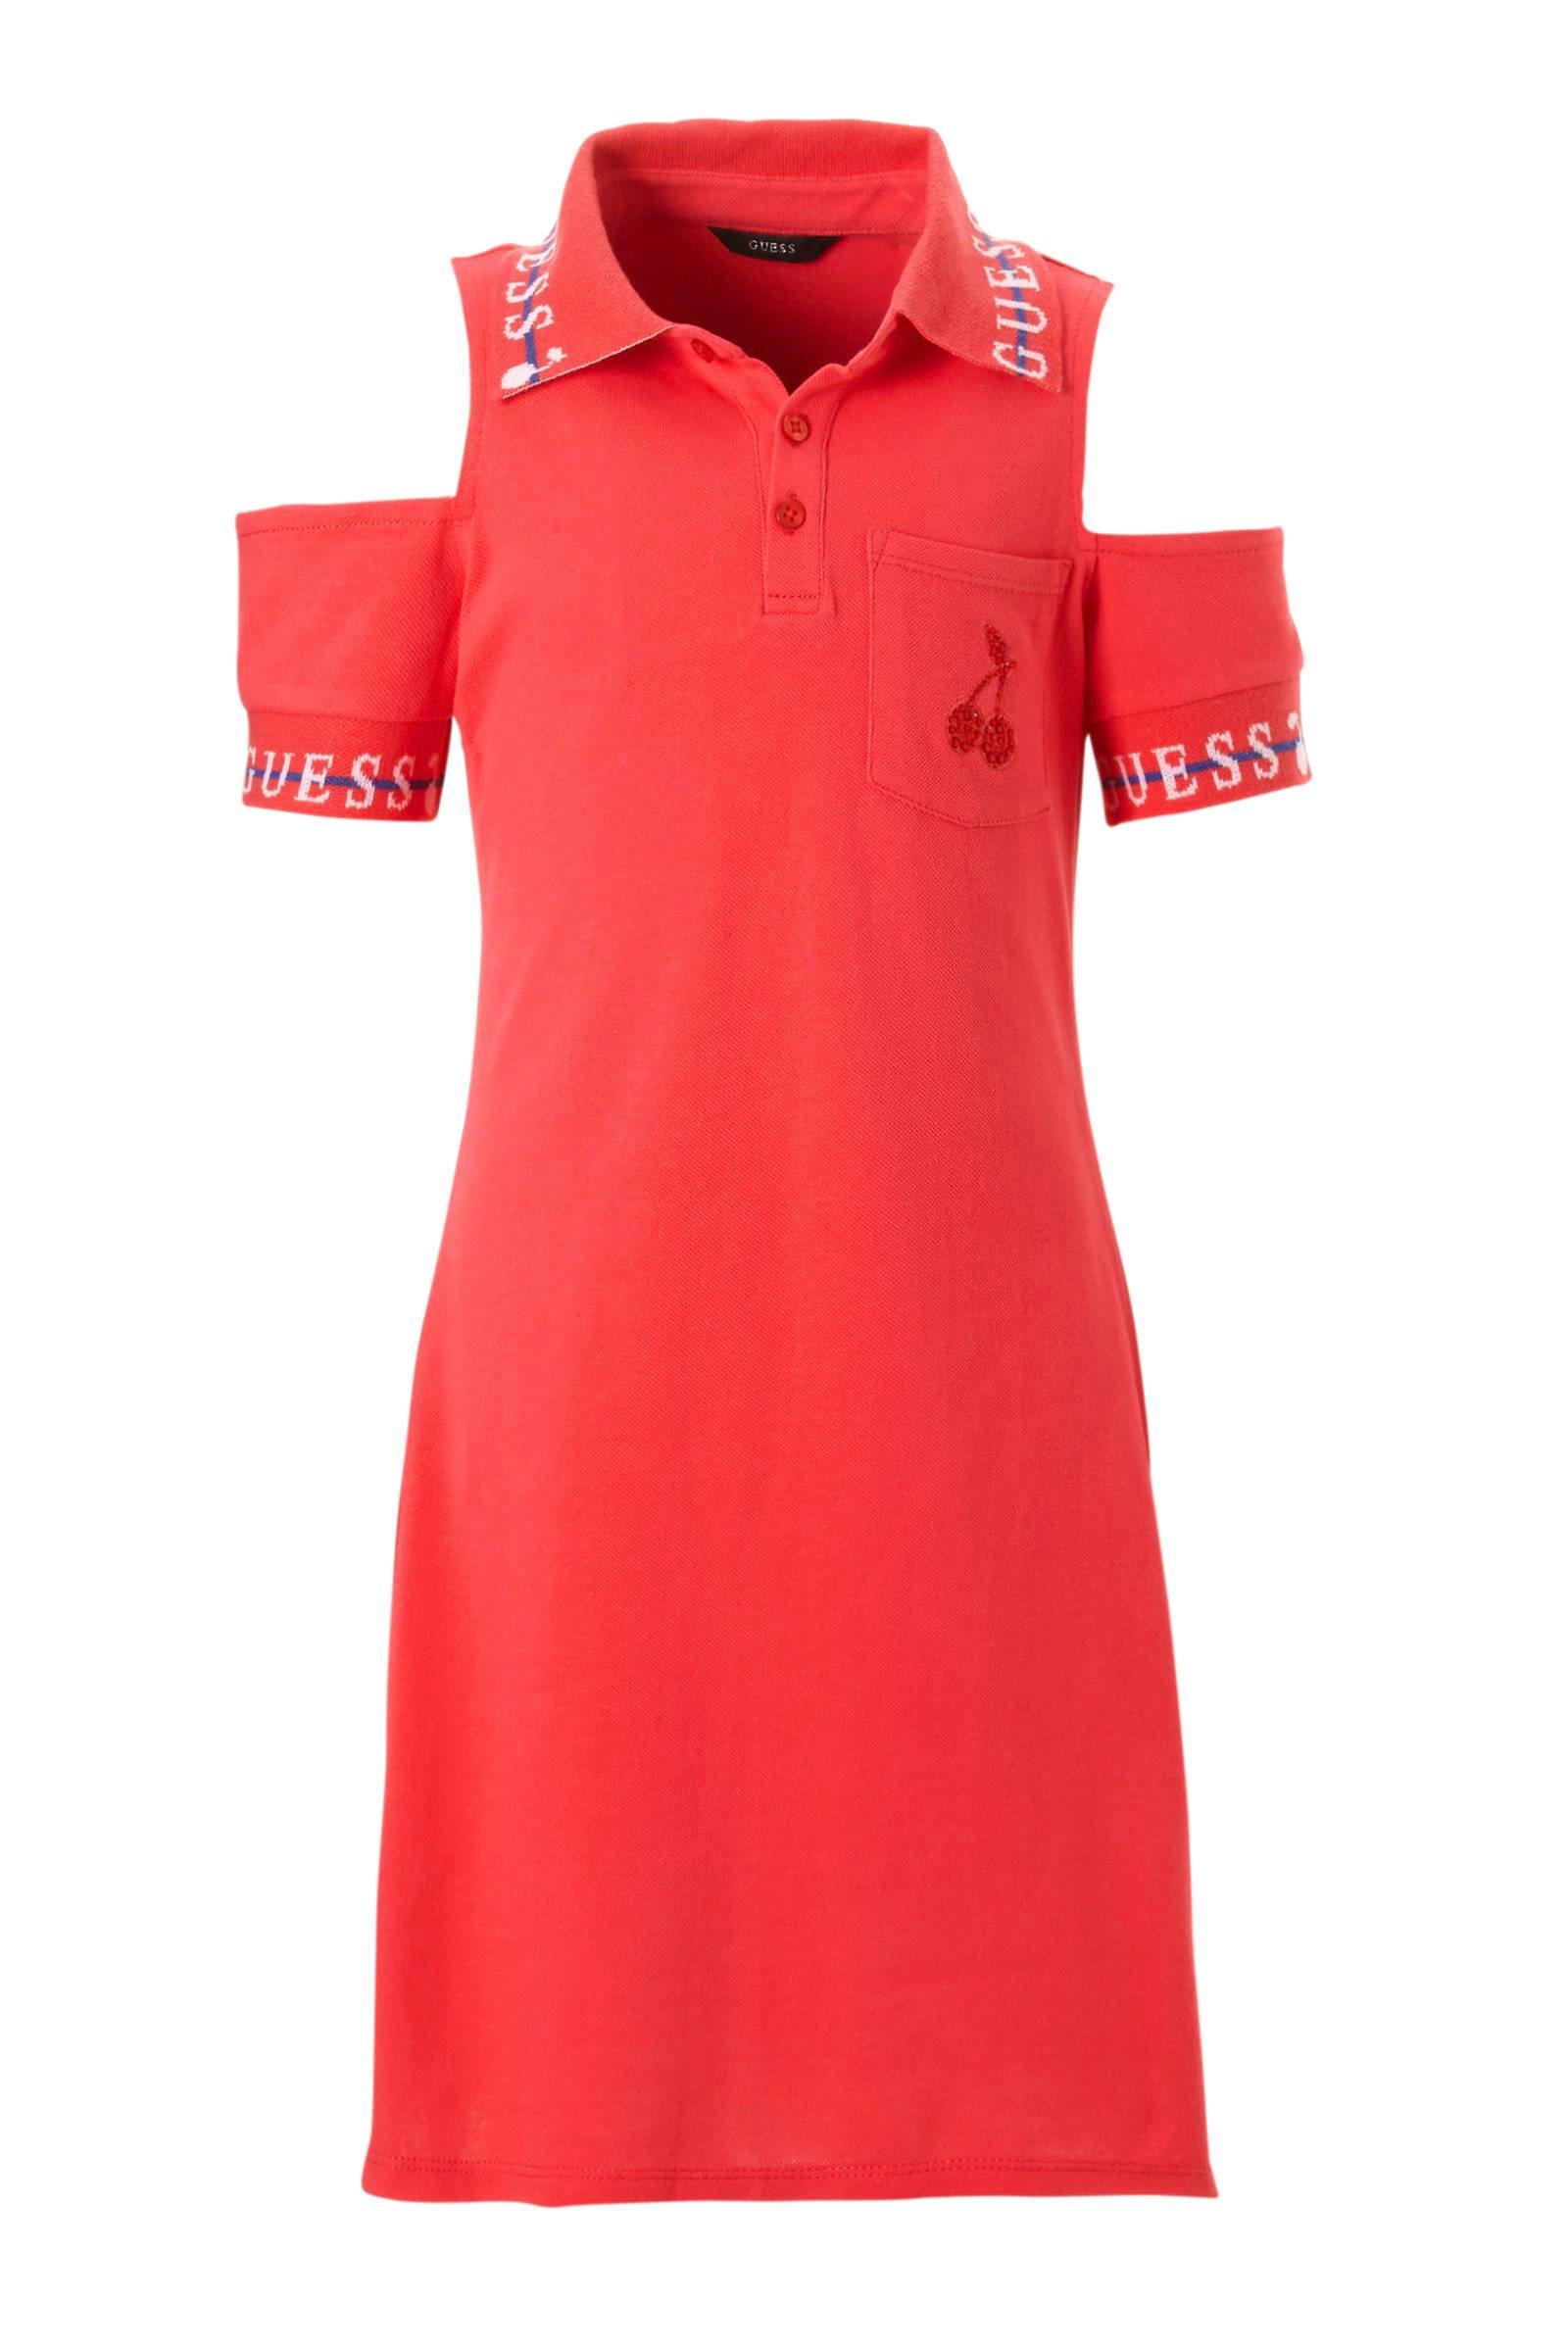 ea5ca7de698 guess-open-shoulder-jurk-met-tekst-rood-rood-7613402868333.jpg